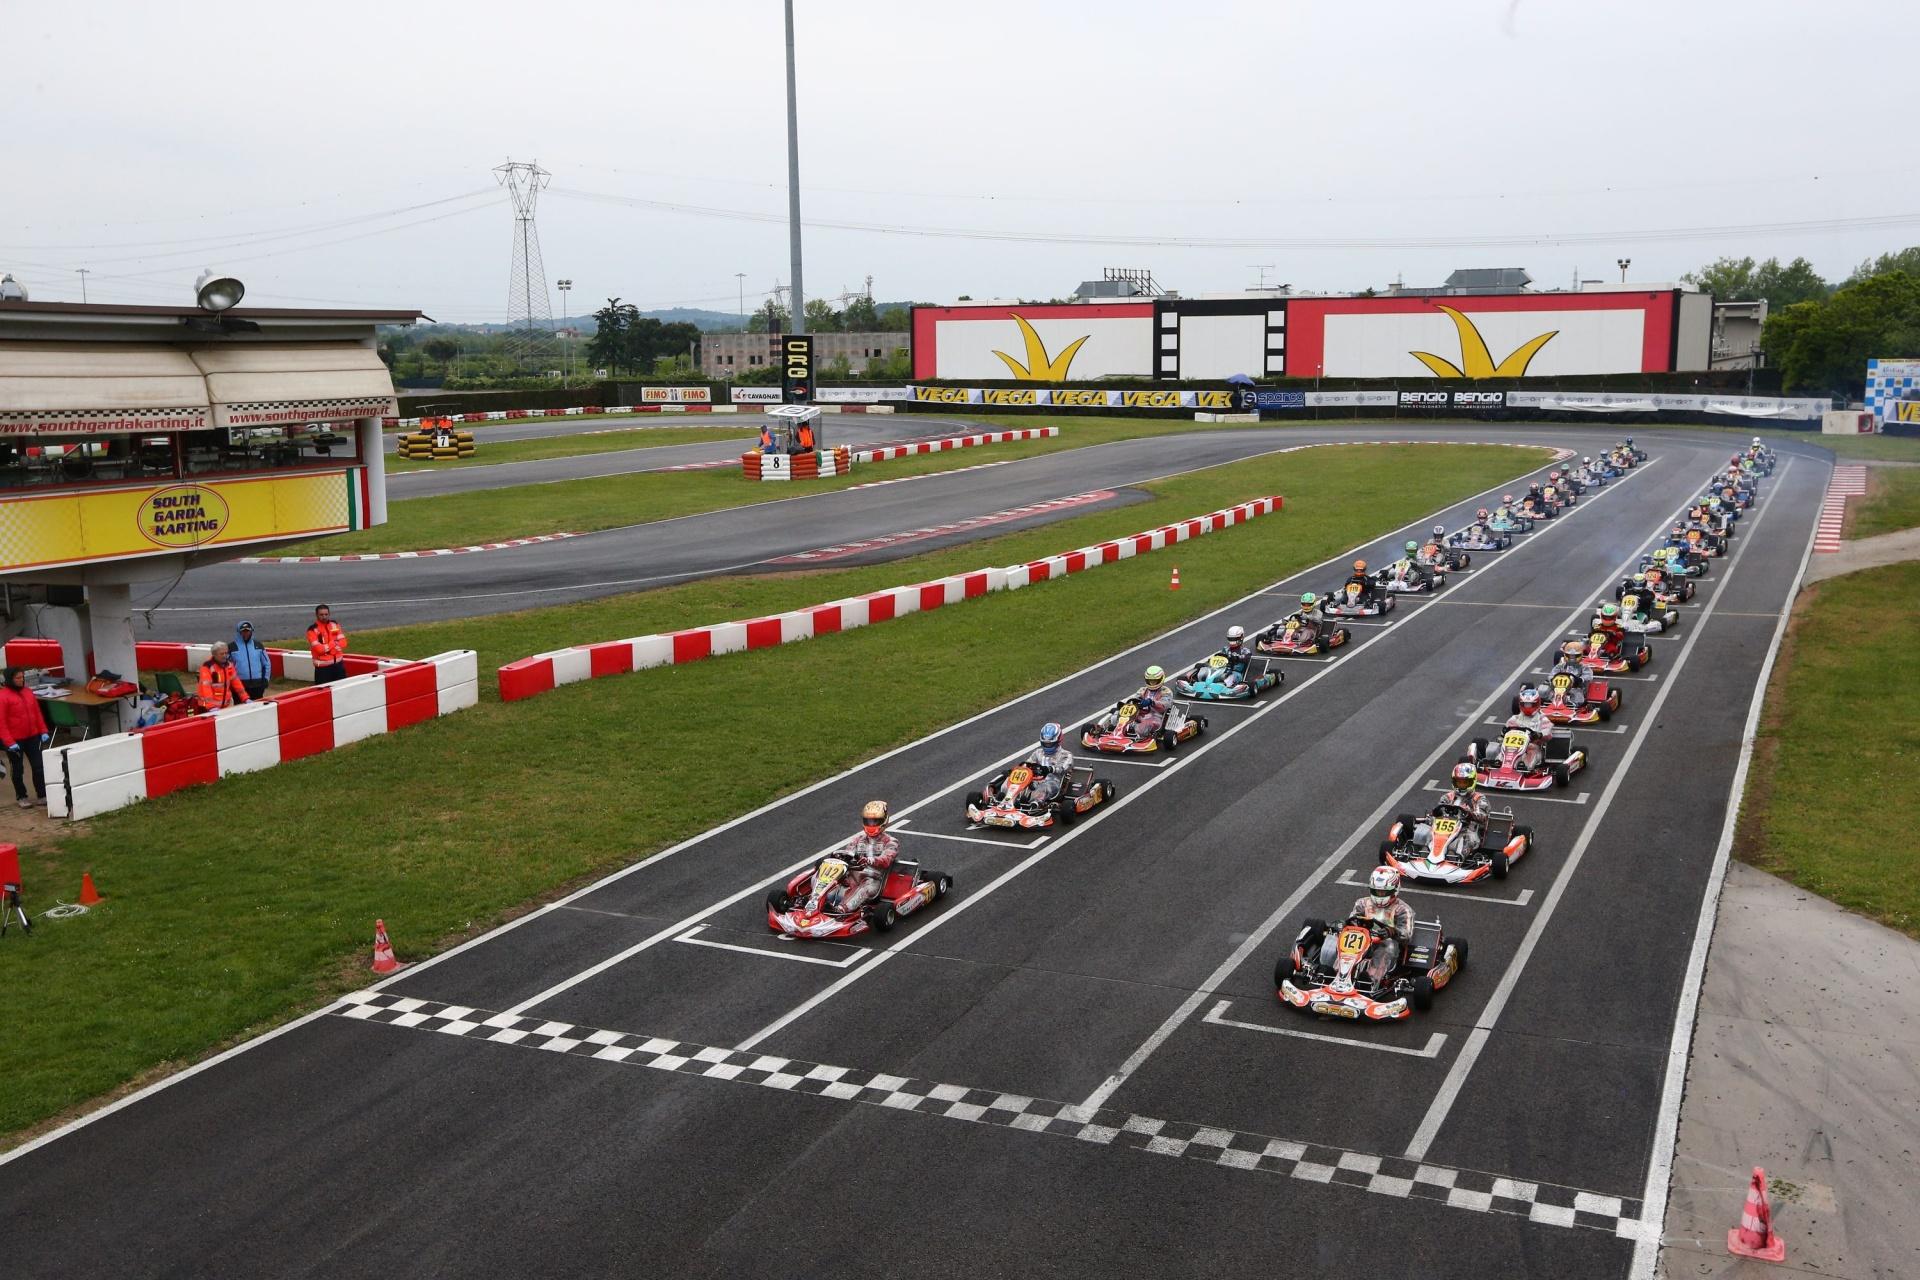 La Giunta Sportiva sui fatti accaduti nel Kartodromo South Garda di Lonato